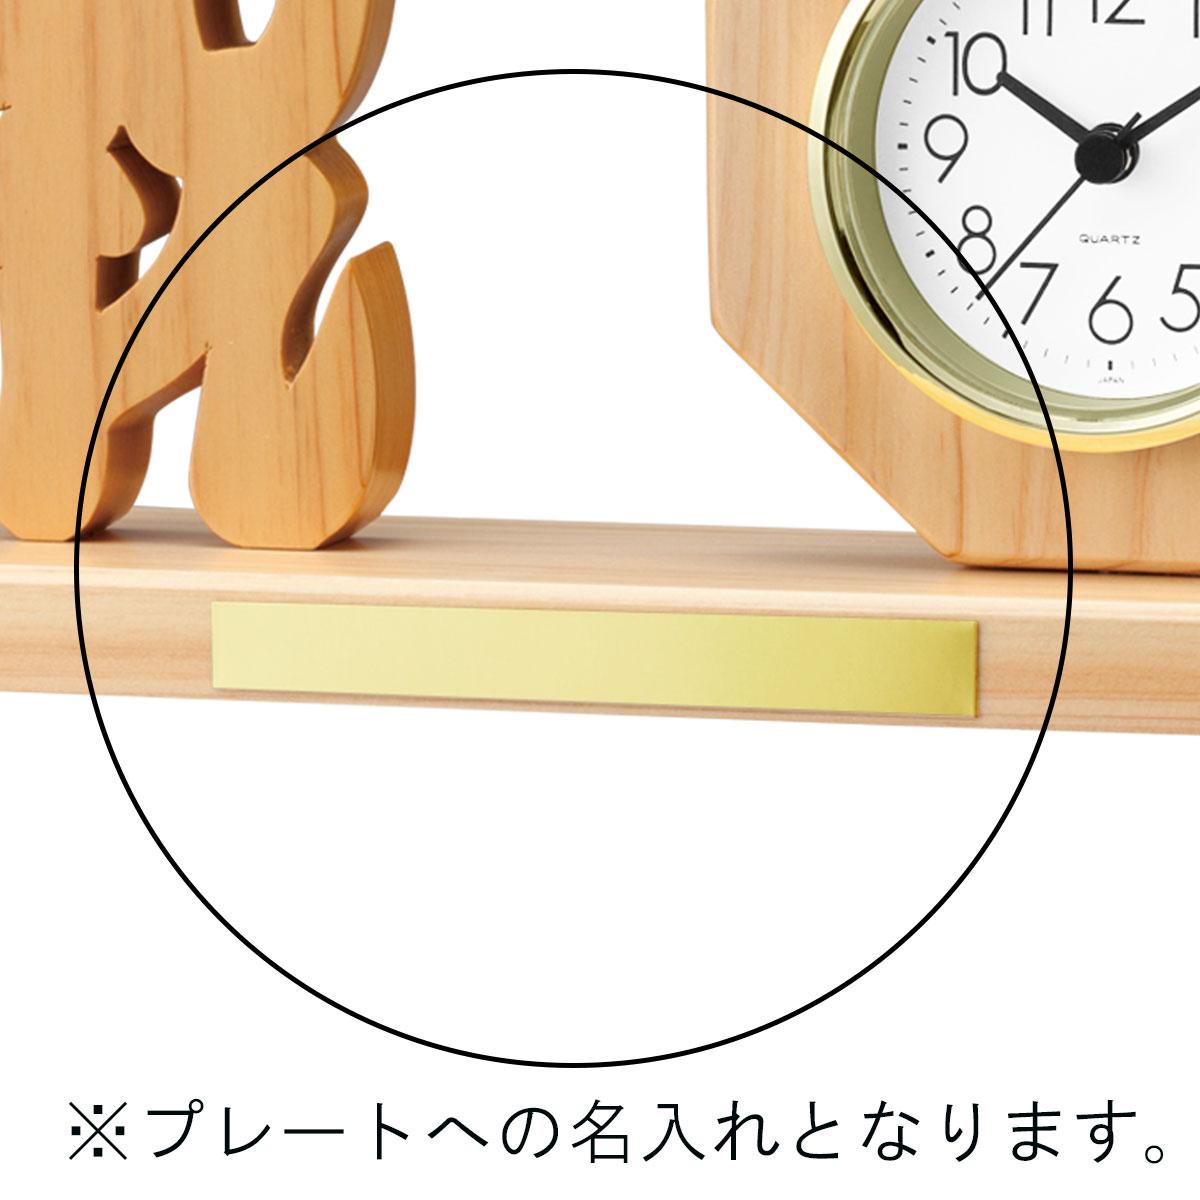 ヒノキ切抜き記念時計 祝